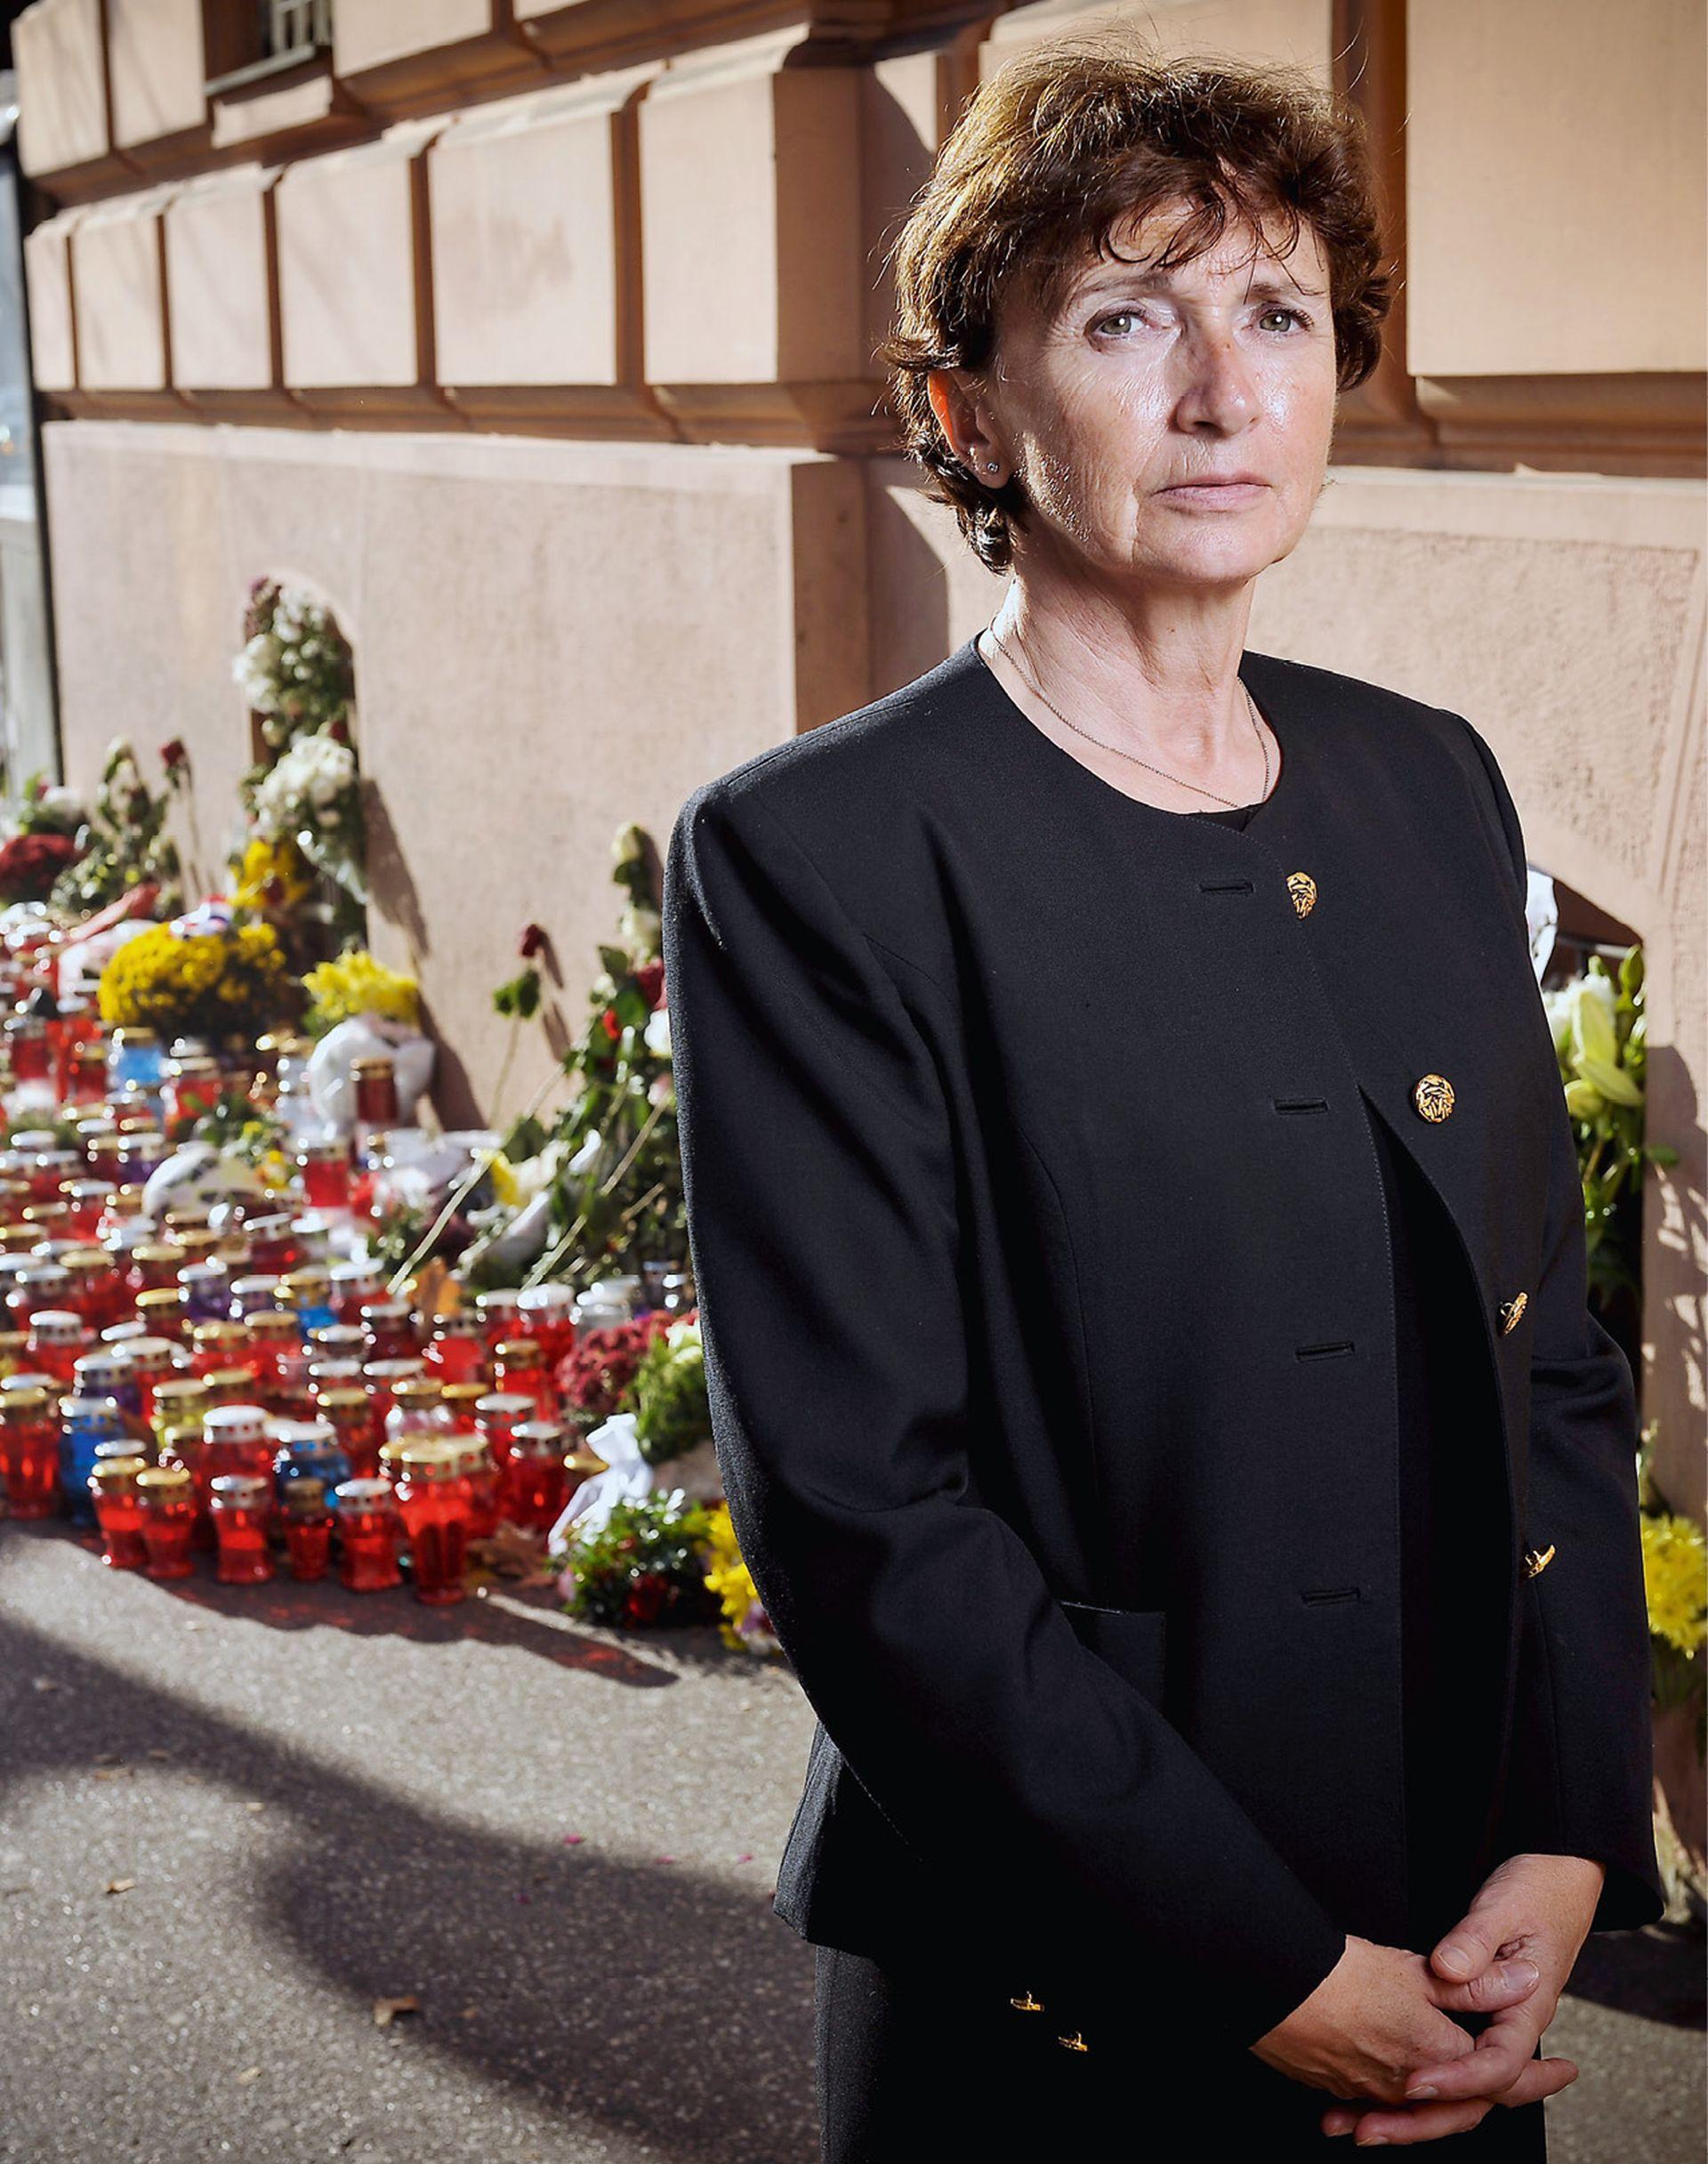 Francuska veleposlanica Michele Boccoz: 'Nadam se da će prevladati mudrost a ne mržnja'